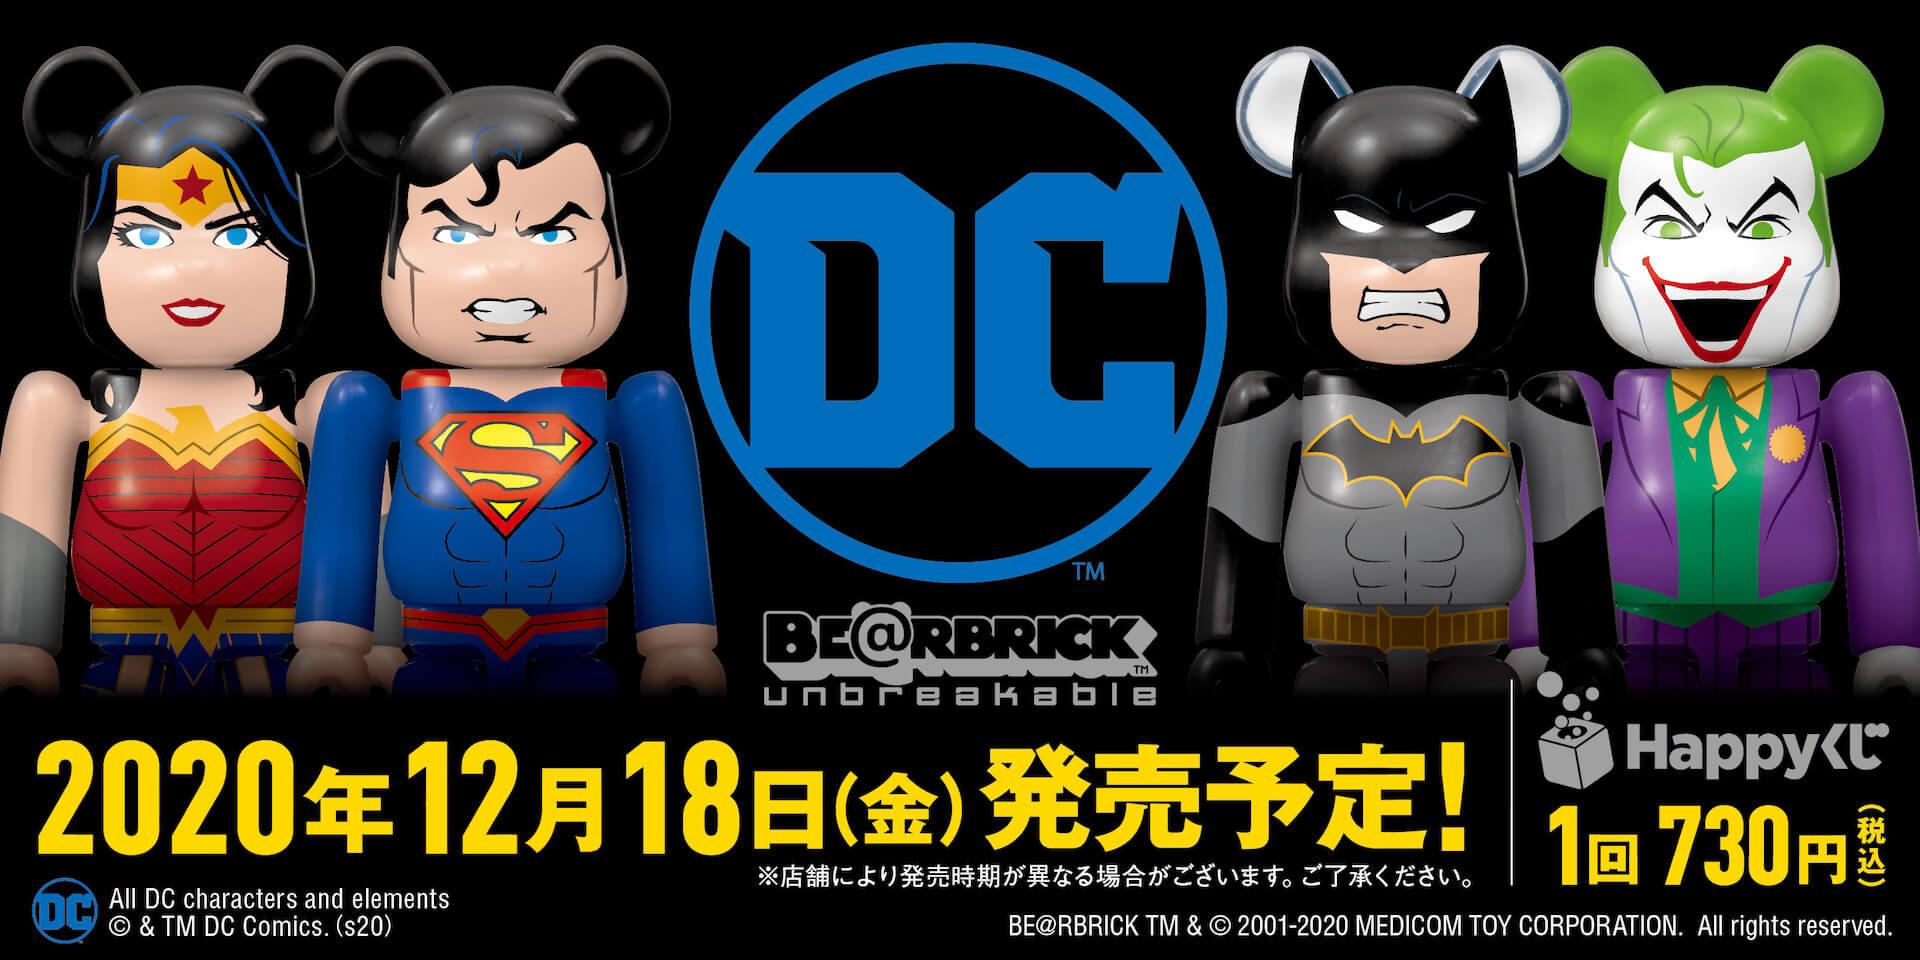 『ワンダーウーマン 1984』劇場公開記念!スーパーマン、バットマン、ジョーカーら人気DCキャラのBE@RBRICKや限定ポスターが当たるHappyくじが発売 art201216_dc_bearbrick_1